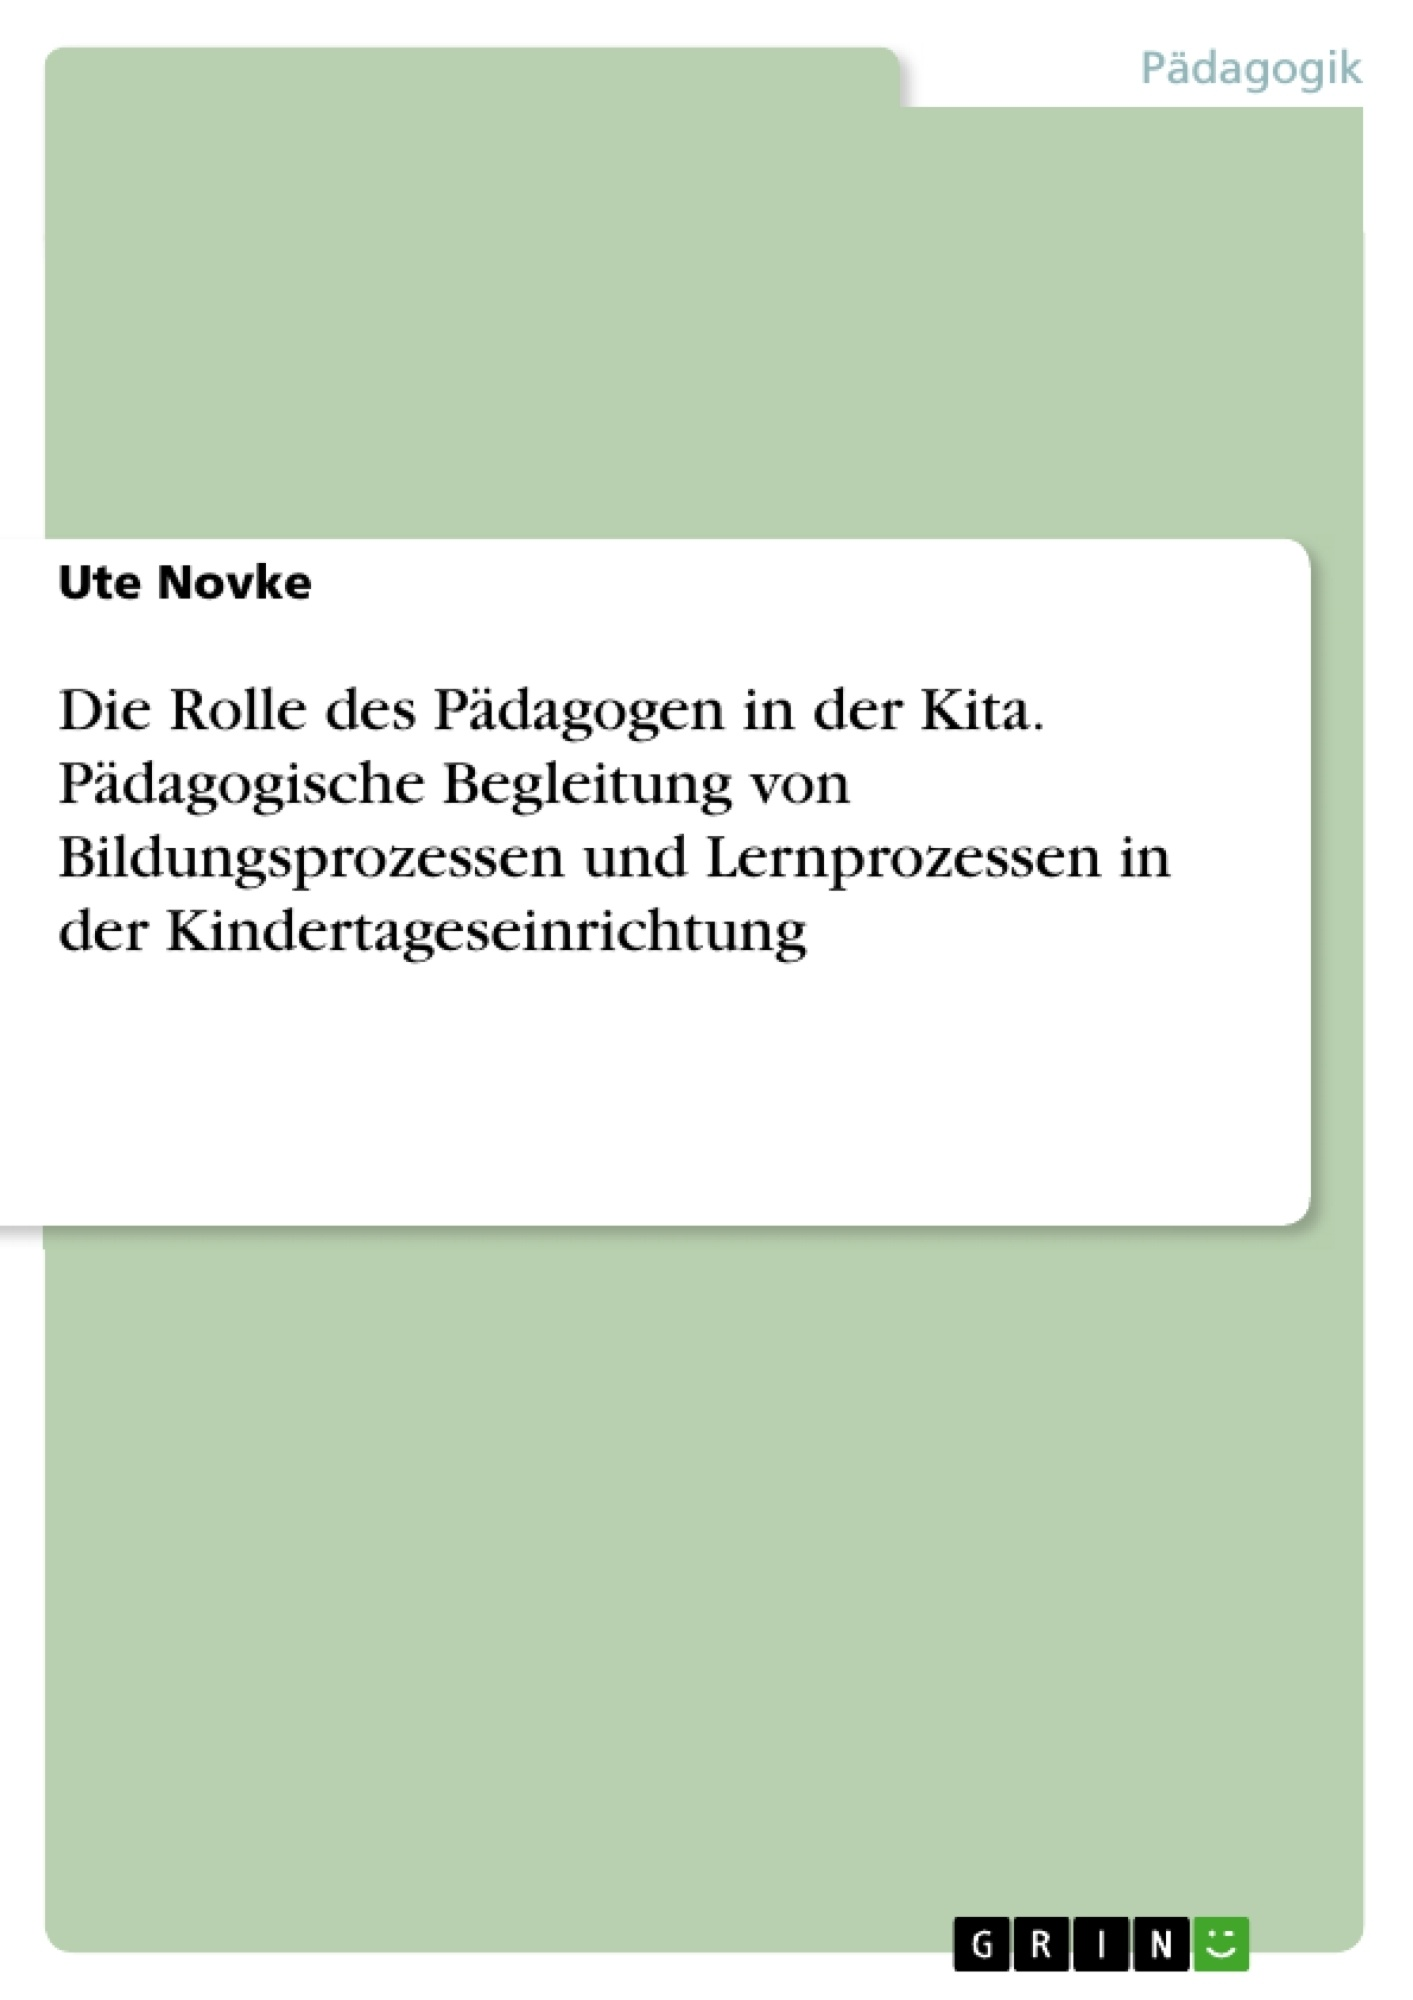 Titel: Die Rolle des Pädagogen in der Kita. Pädagogische Begleitung von Bildungsprozessen und Lernprozessen in der Kindertageseinrichtung